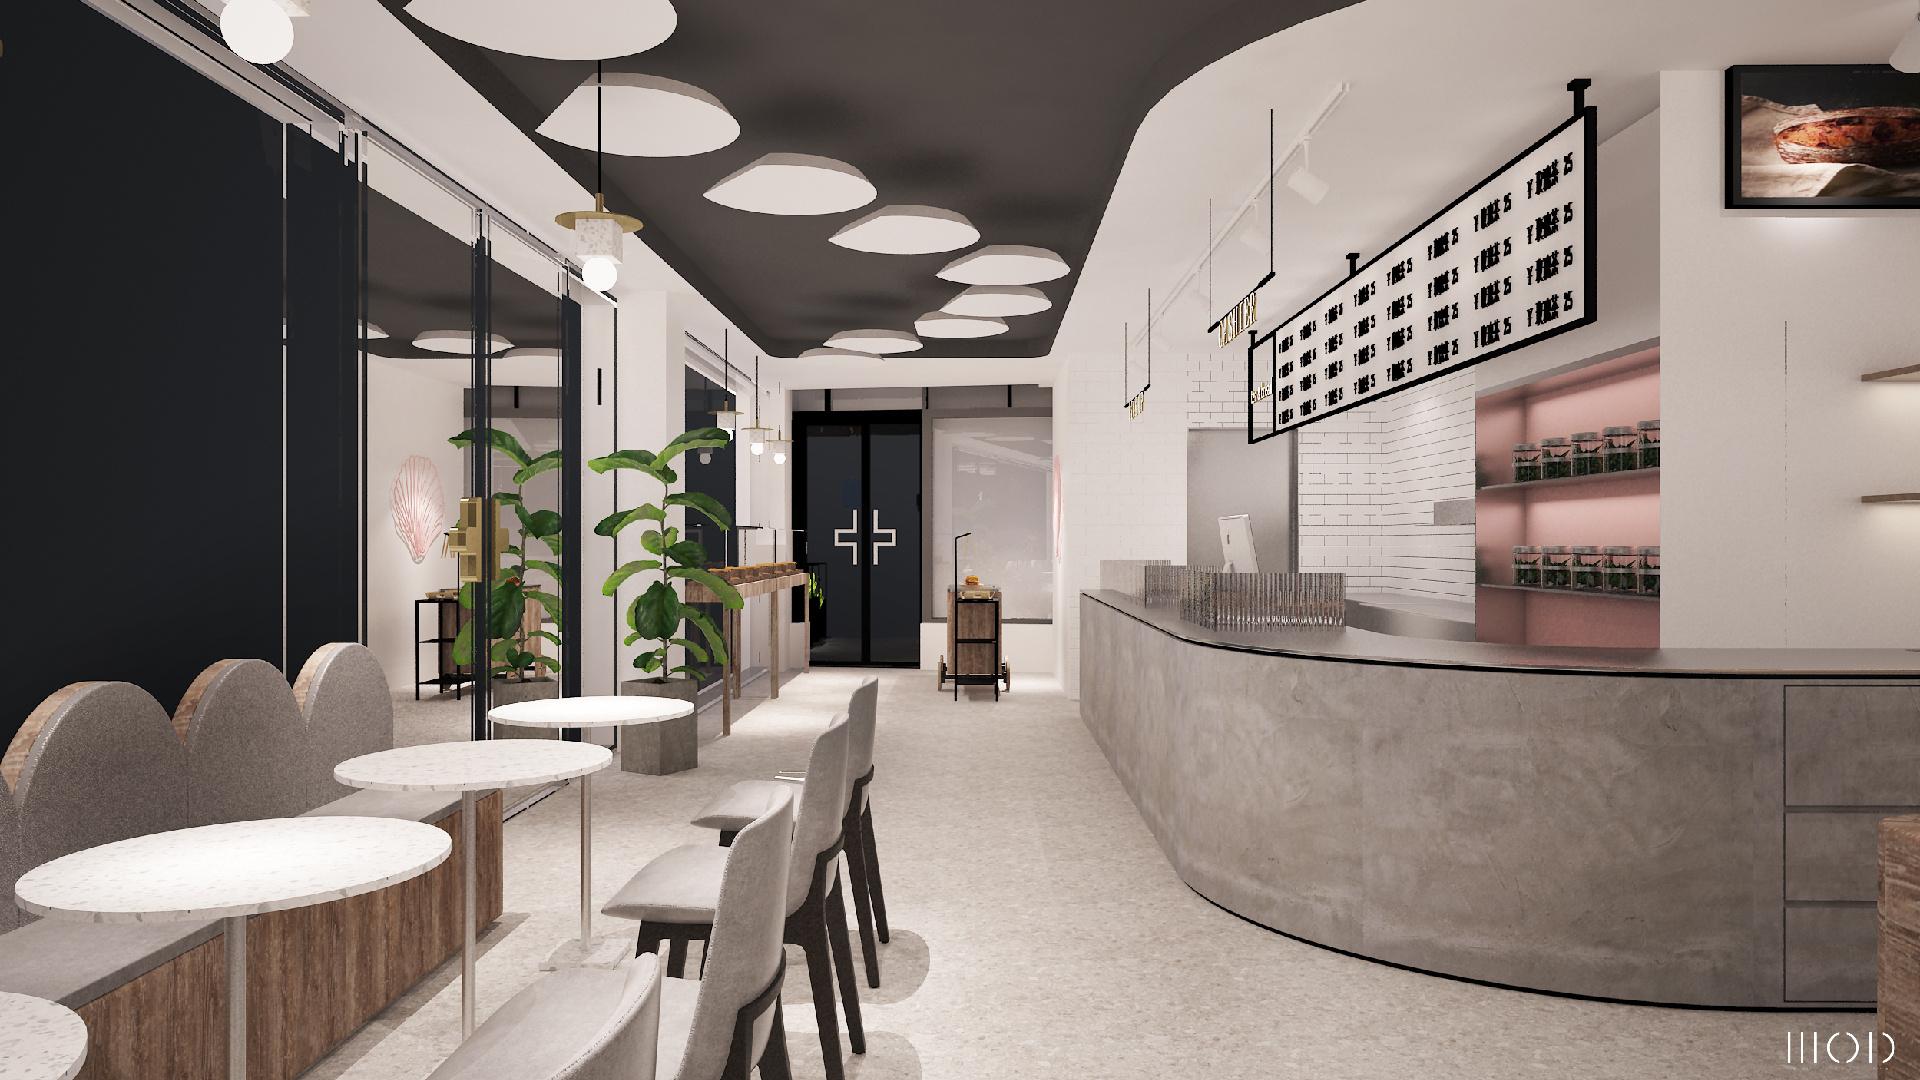 171 餐饮空间设计图片